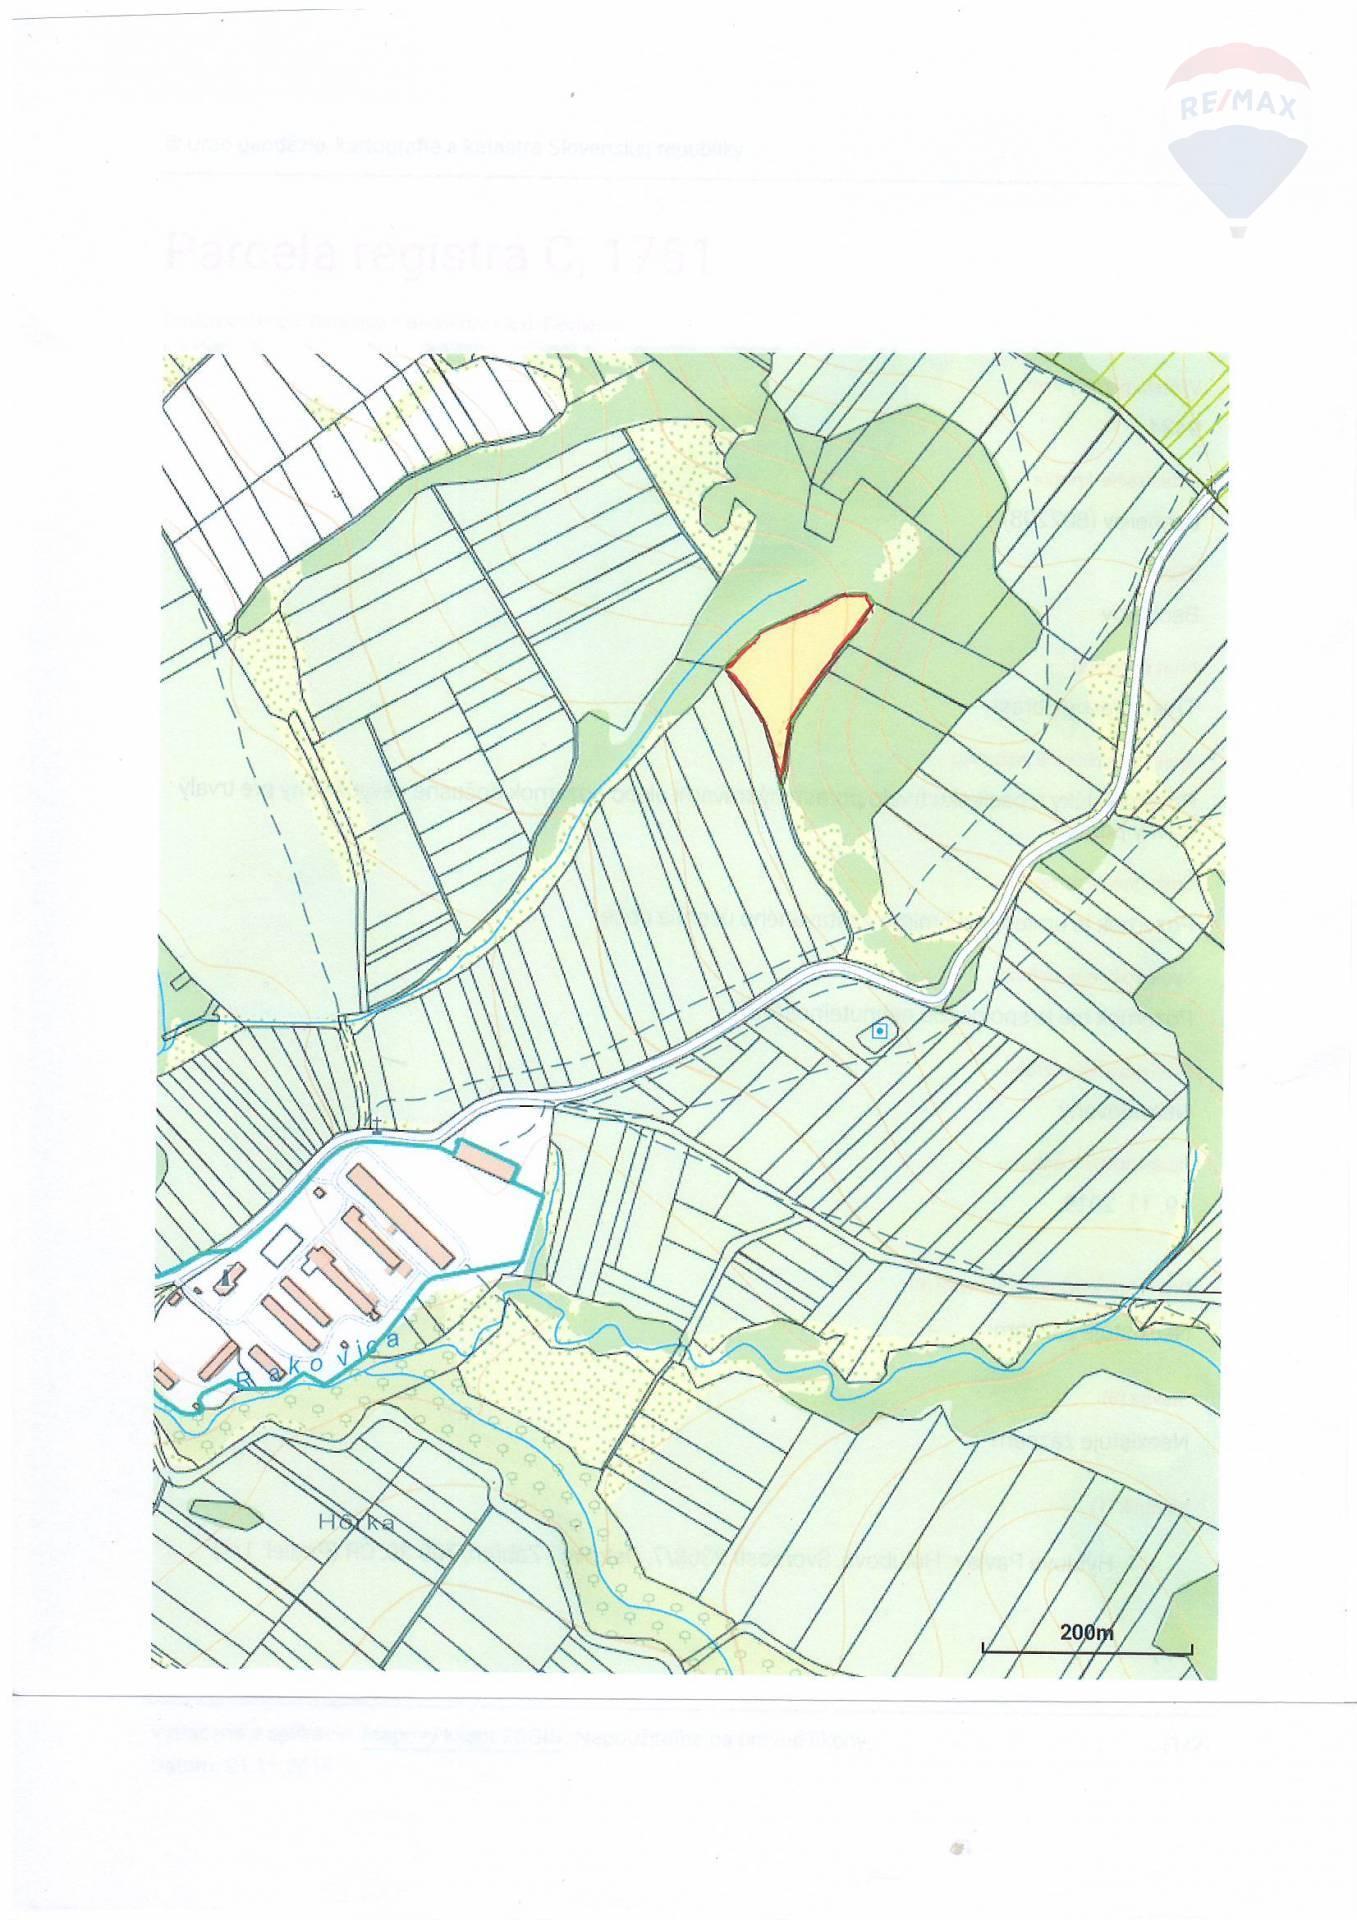 Predaj pozemku 48719 m2, Becherov - Predaj pozemku v Becherove